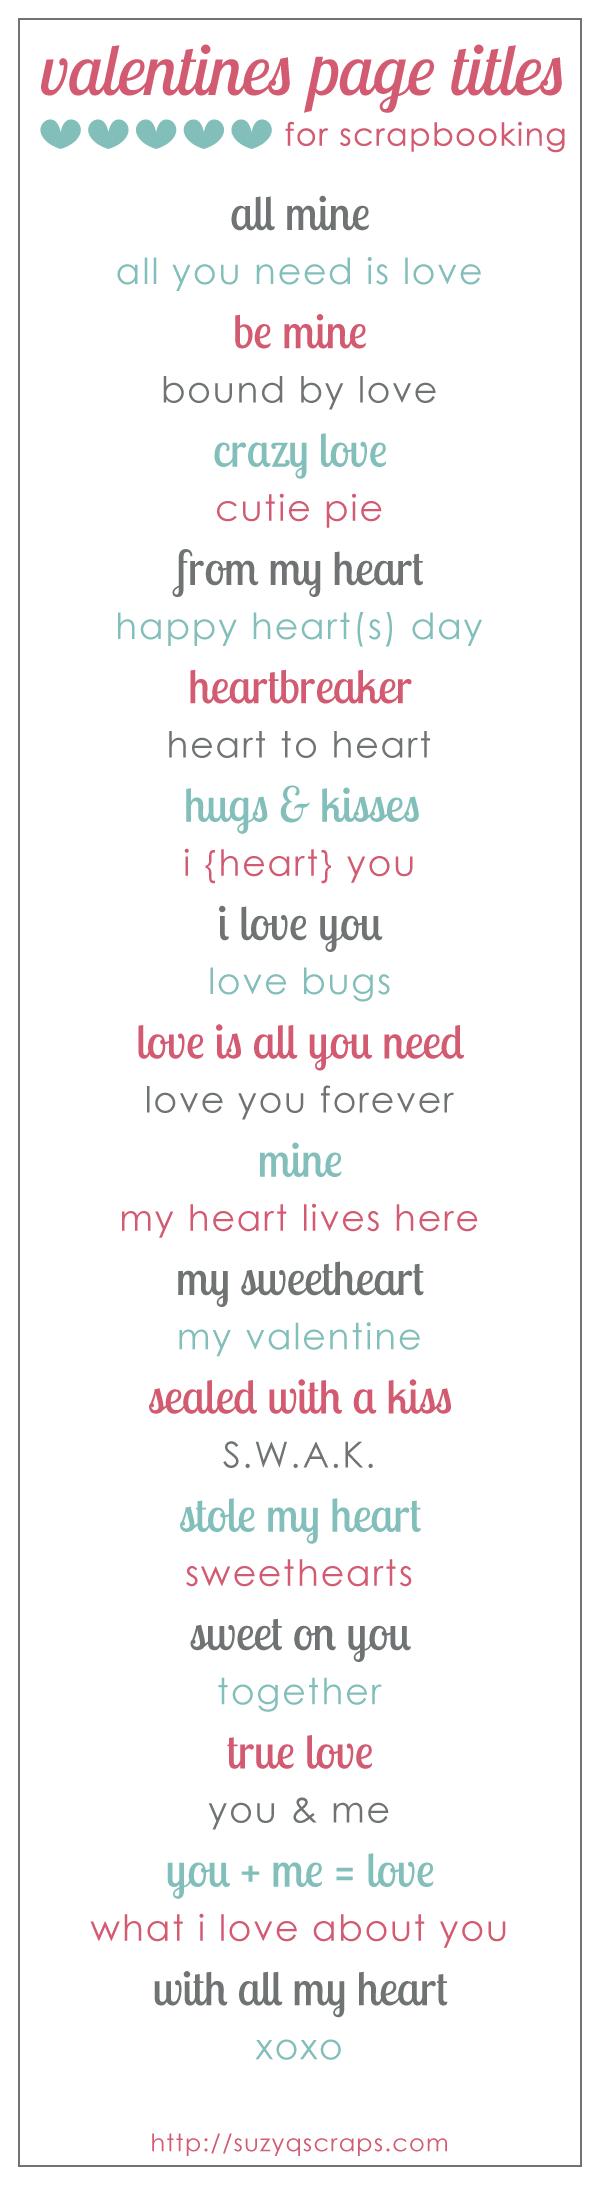 Love scrapbook ideas girlfriend - Valentines And Love Scrapbook Ideas Valentines Scrapbook Page Titles